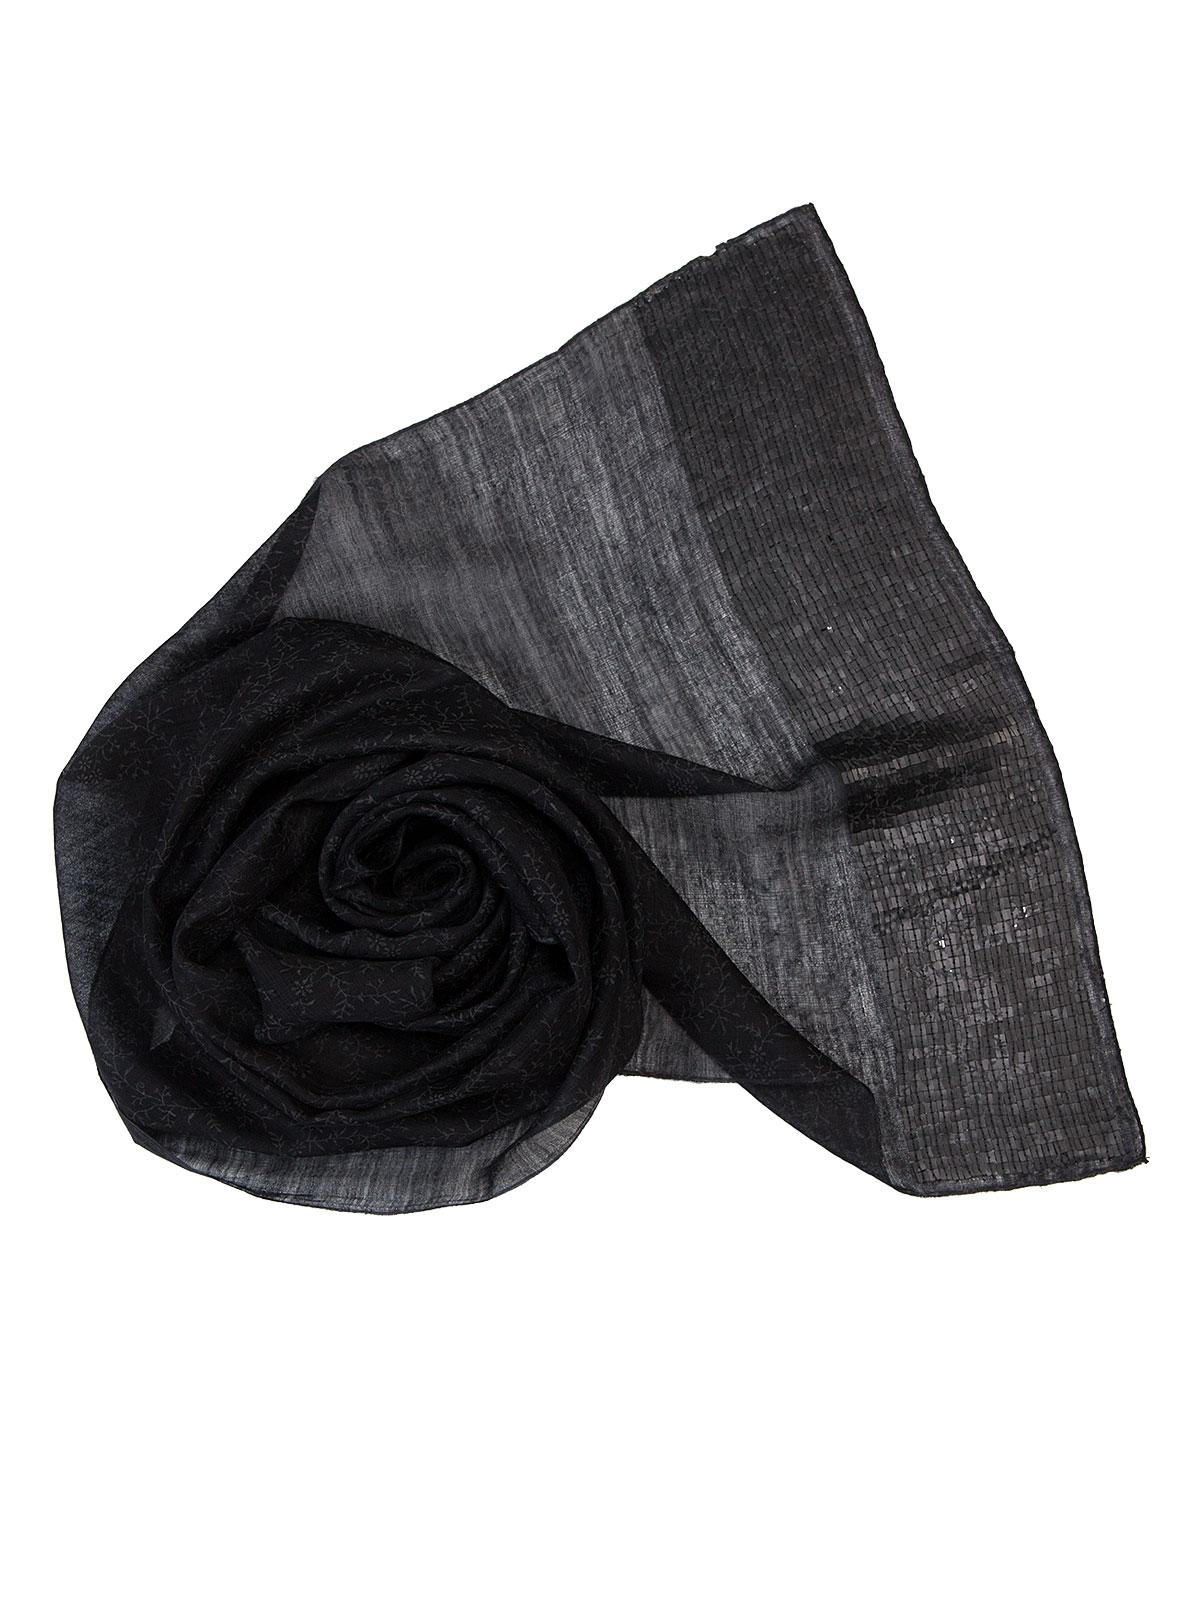 Шарф Eleganzza Палантин из шелка и шерсти темно-серого цвета